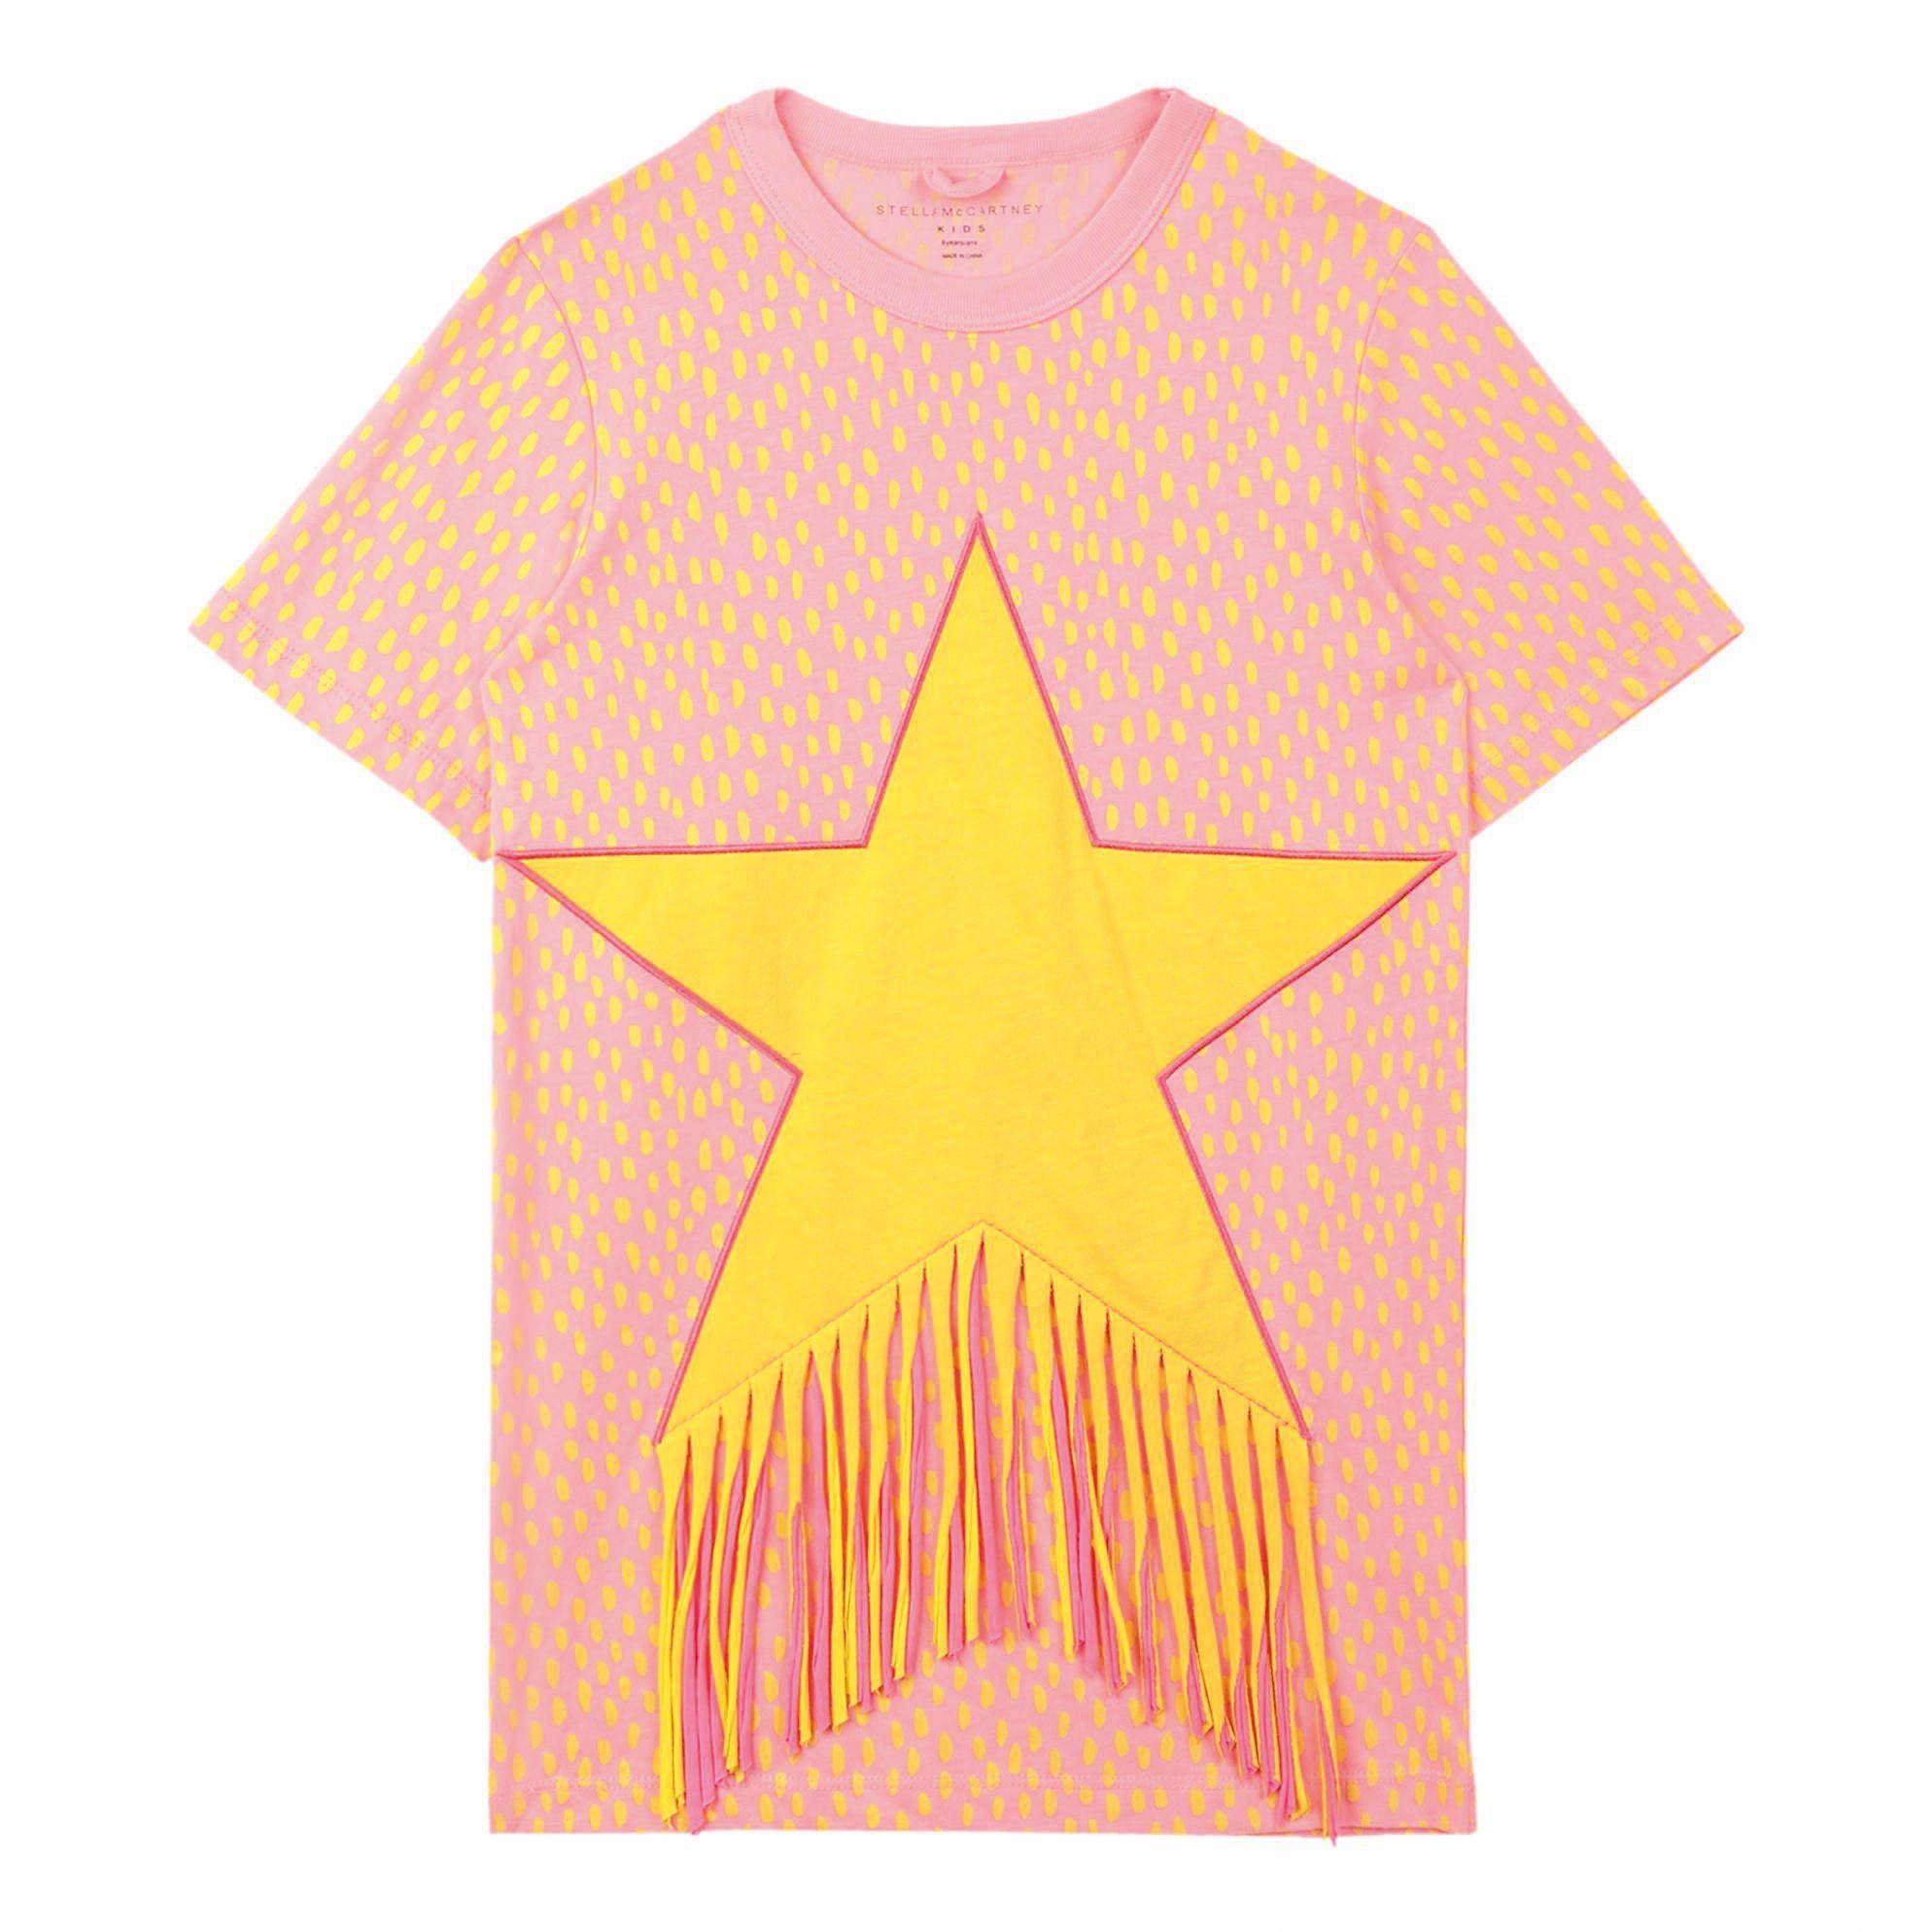 abbigliamento-rock-bambina-moda-primavera-estate-2019-stella-mccartney-kids